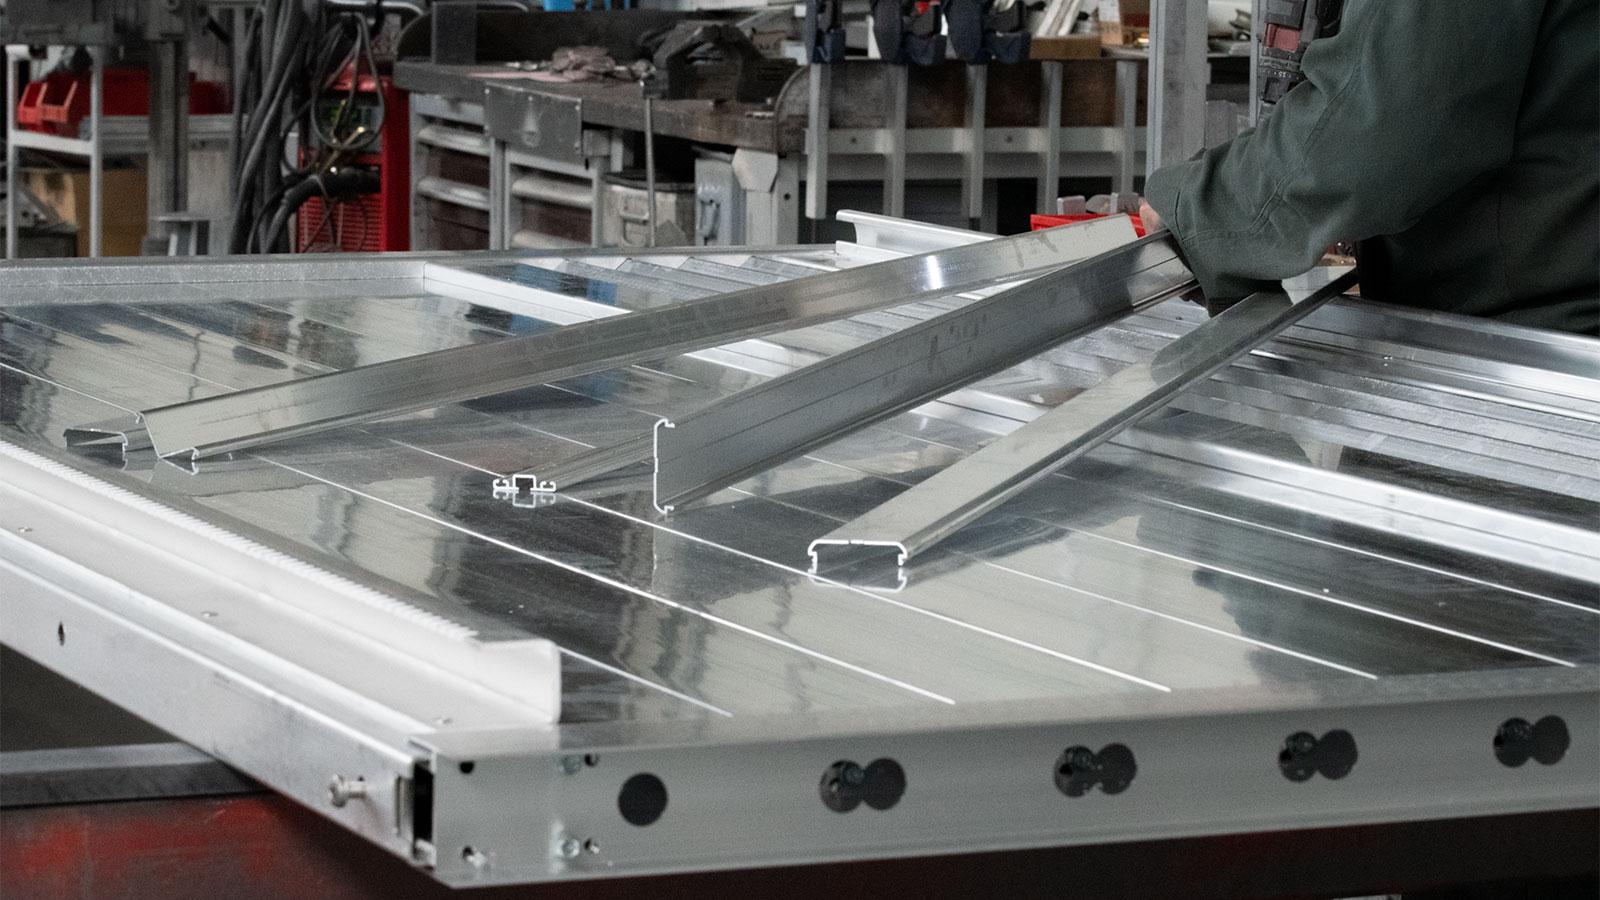 montage d'un portail coulissant autoportant en aluminium chez Portaleco